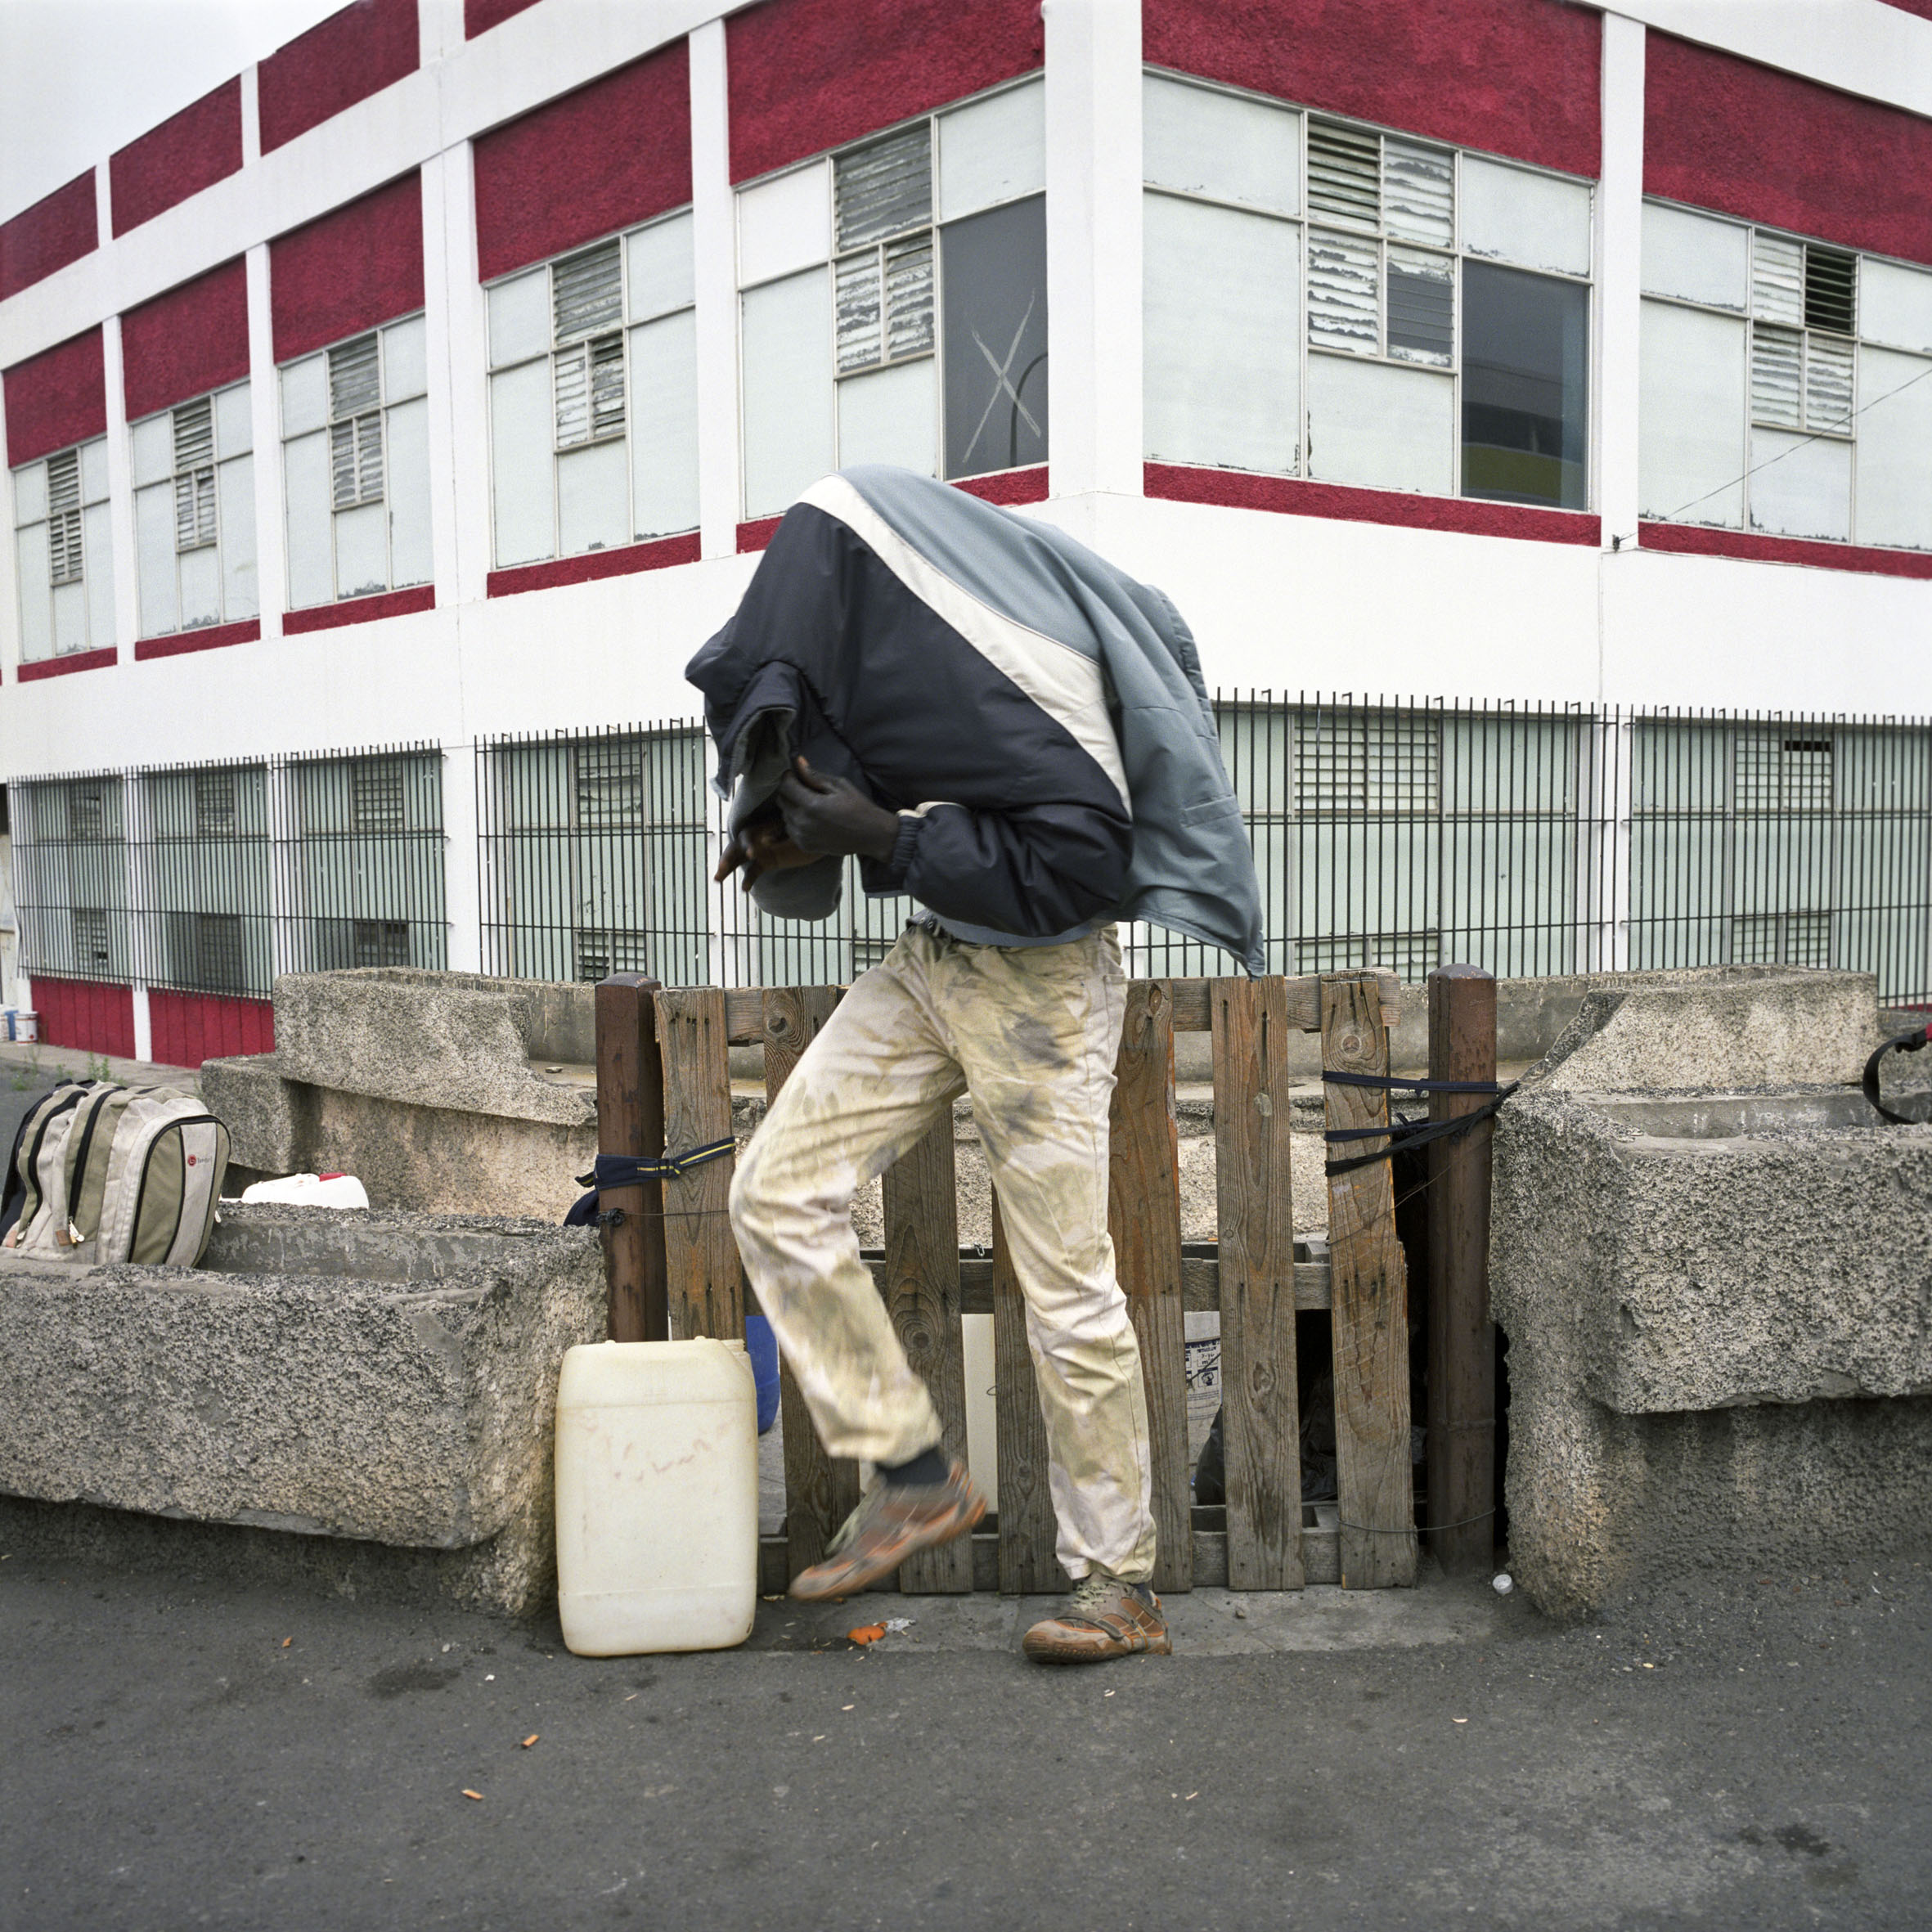 Inmigrante indocumentado de Malí se esconde. Junto con otros compatriotas, lavan un coche por 10 €. Una vez en Europa, los inmigrantes indocumentados corren más riesgo de ser explotados, de trabajar muchas horas, de vivir en alojamientos precarios y de tener mala salud.